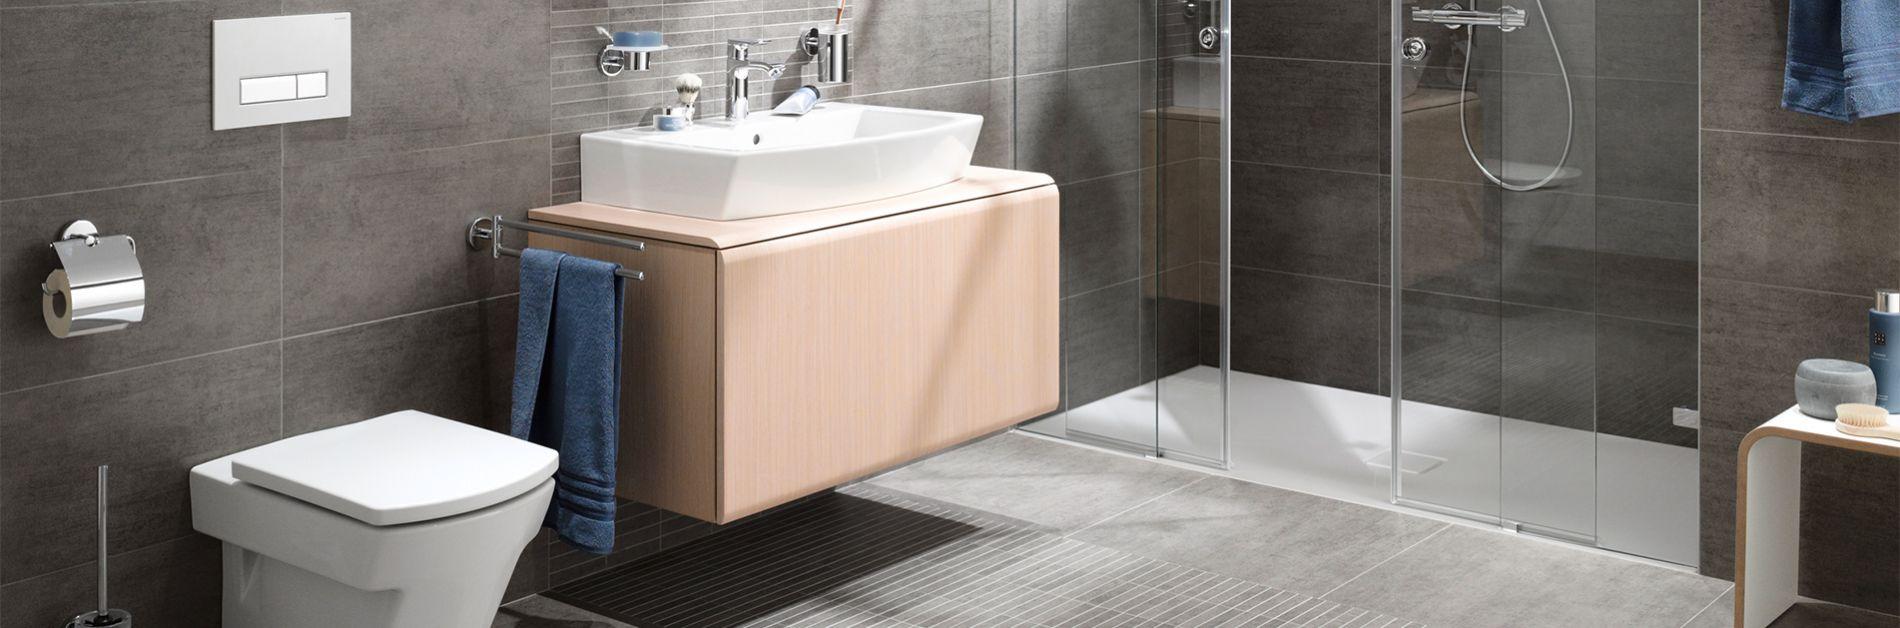 Fliesen Für Ihr Badezimmer: Von Der Baderie Aus Köln